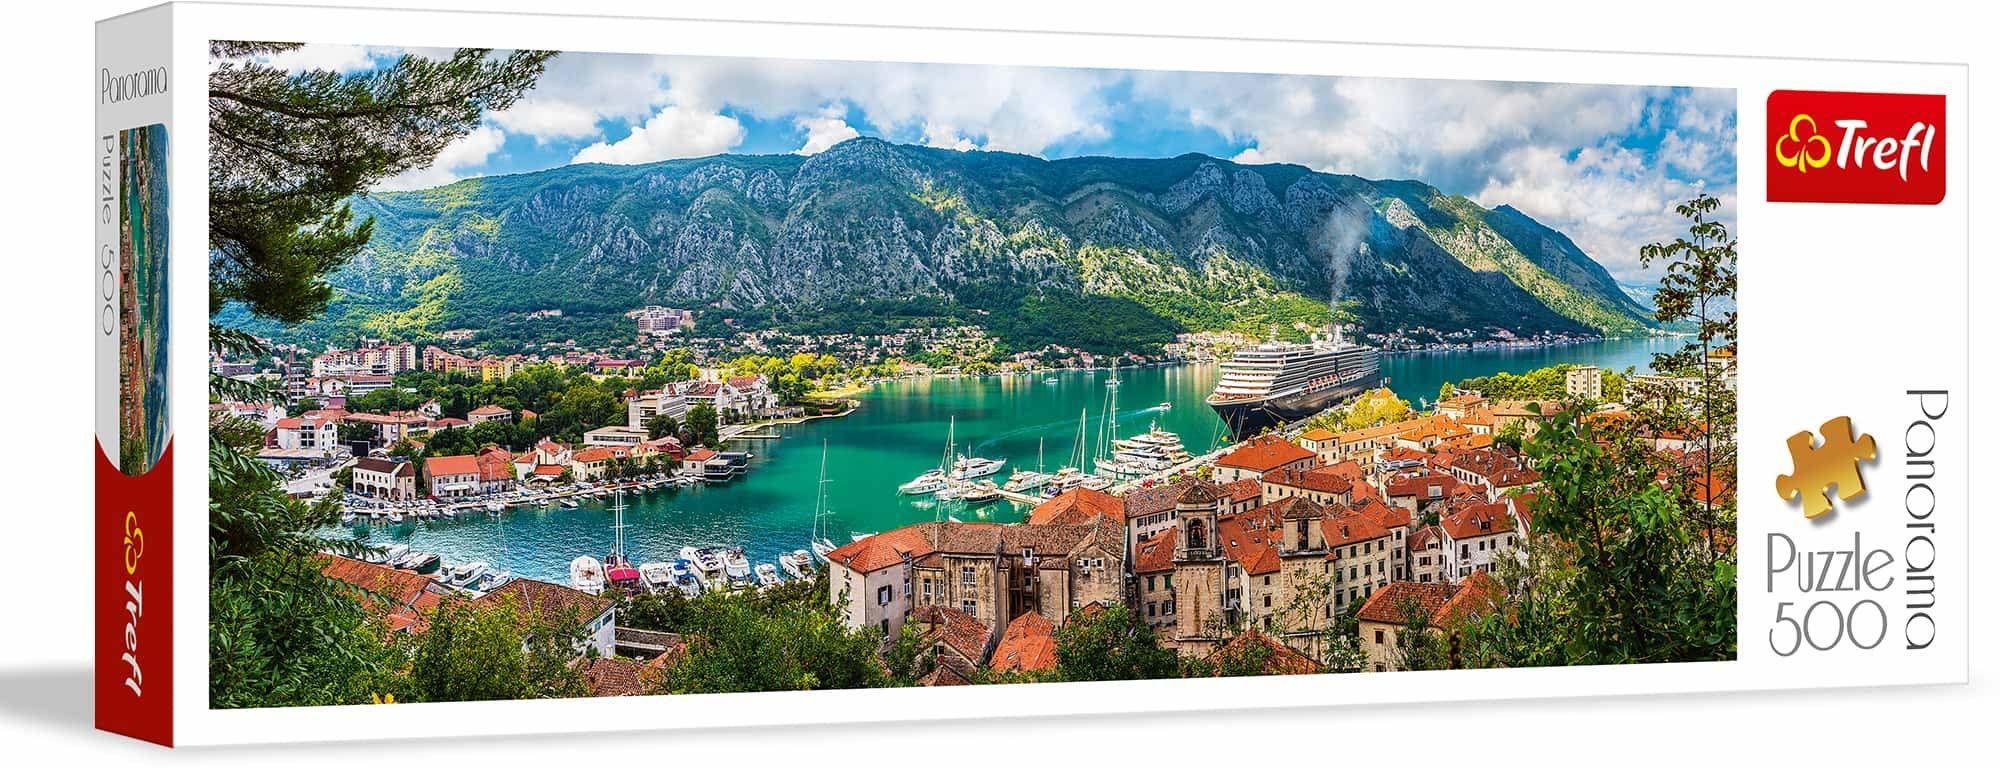 Trefl Kotor, Czarnogóra Puzzle Panoramiczne 500 Elementów o Wysokiej Jakości Nadruku, od 10 lat